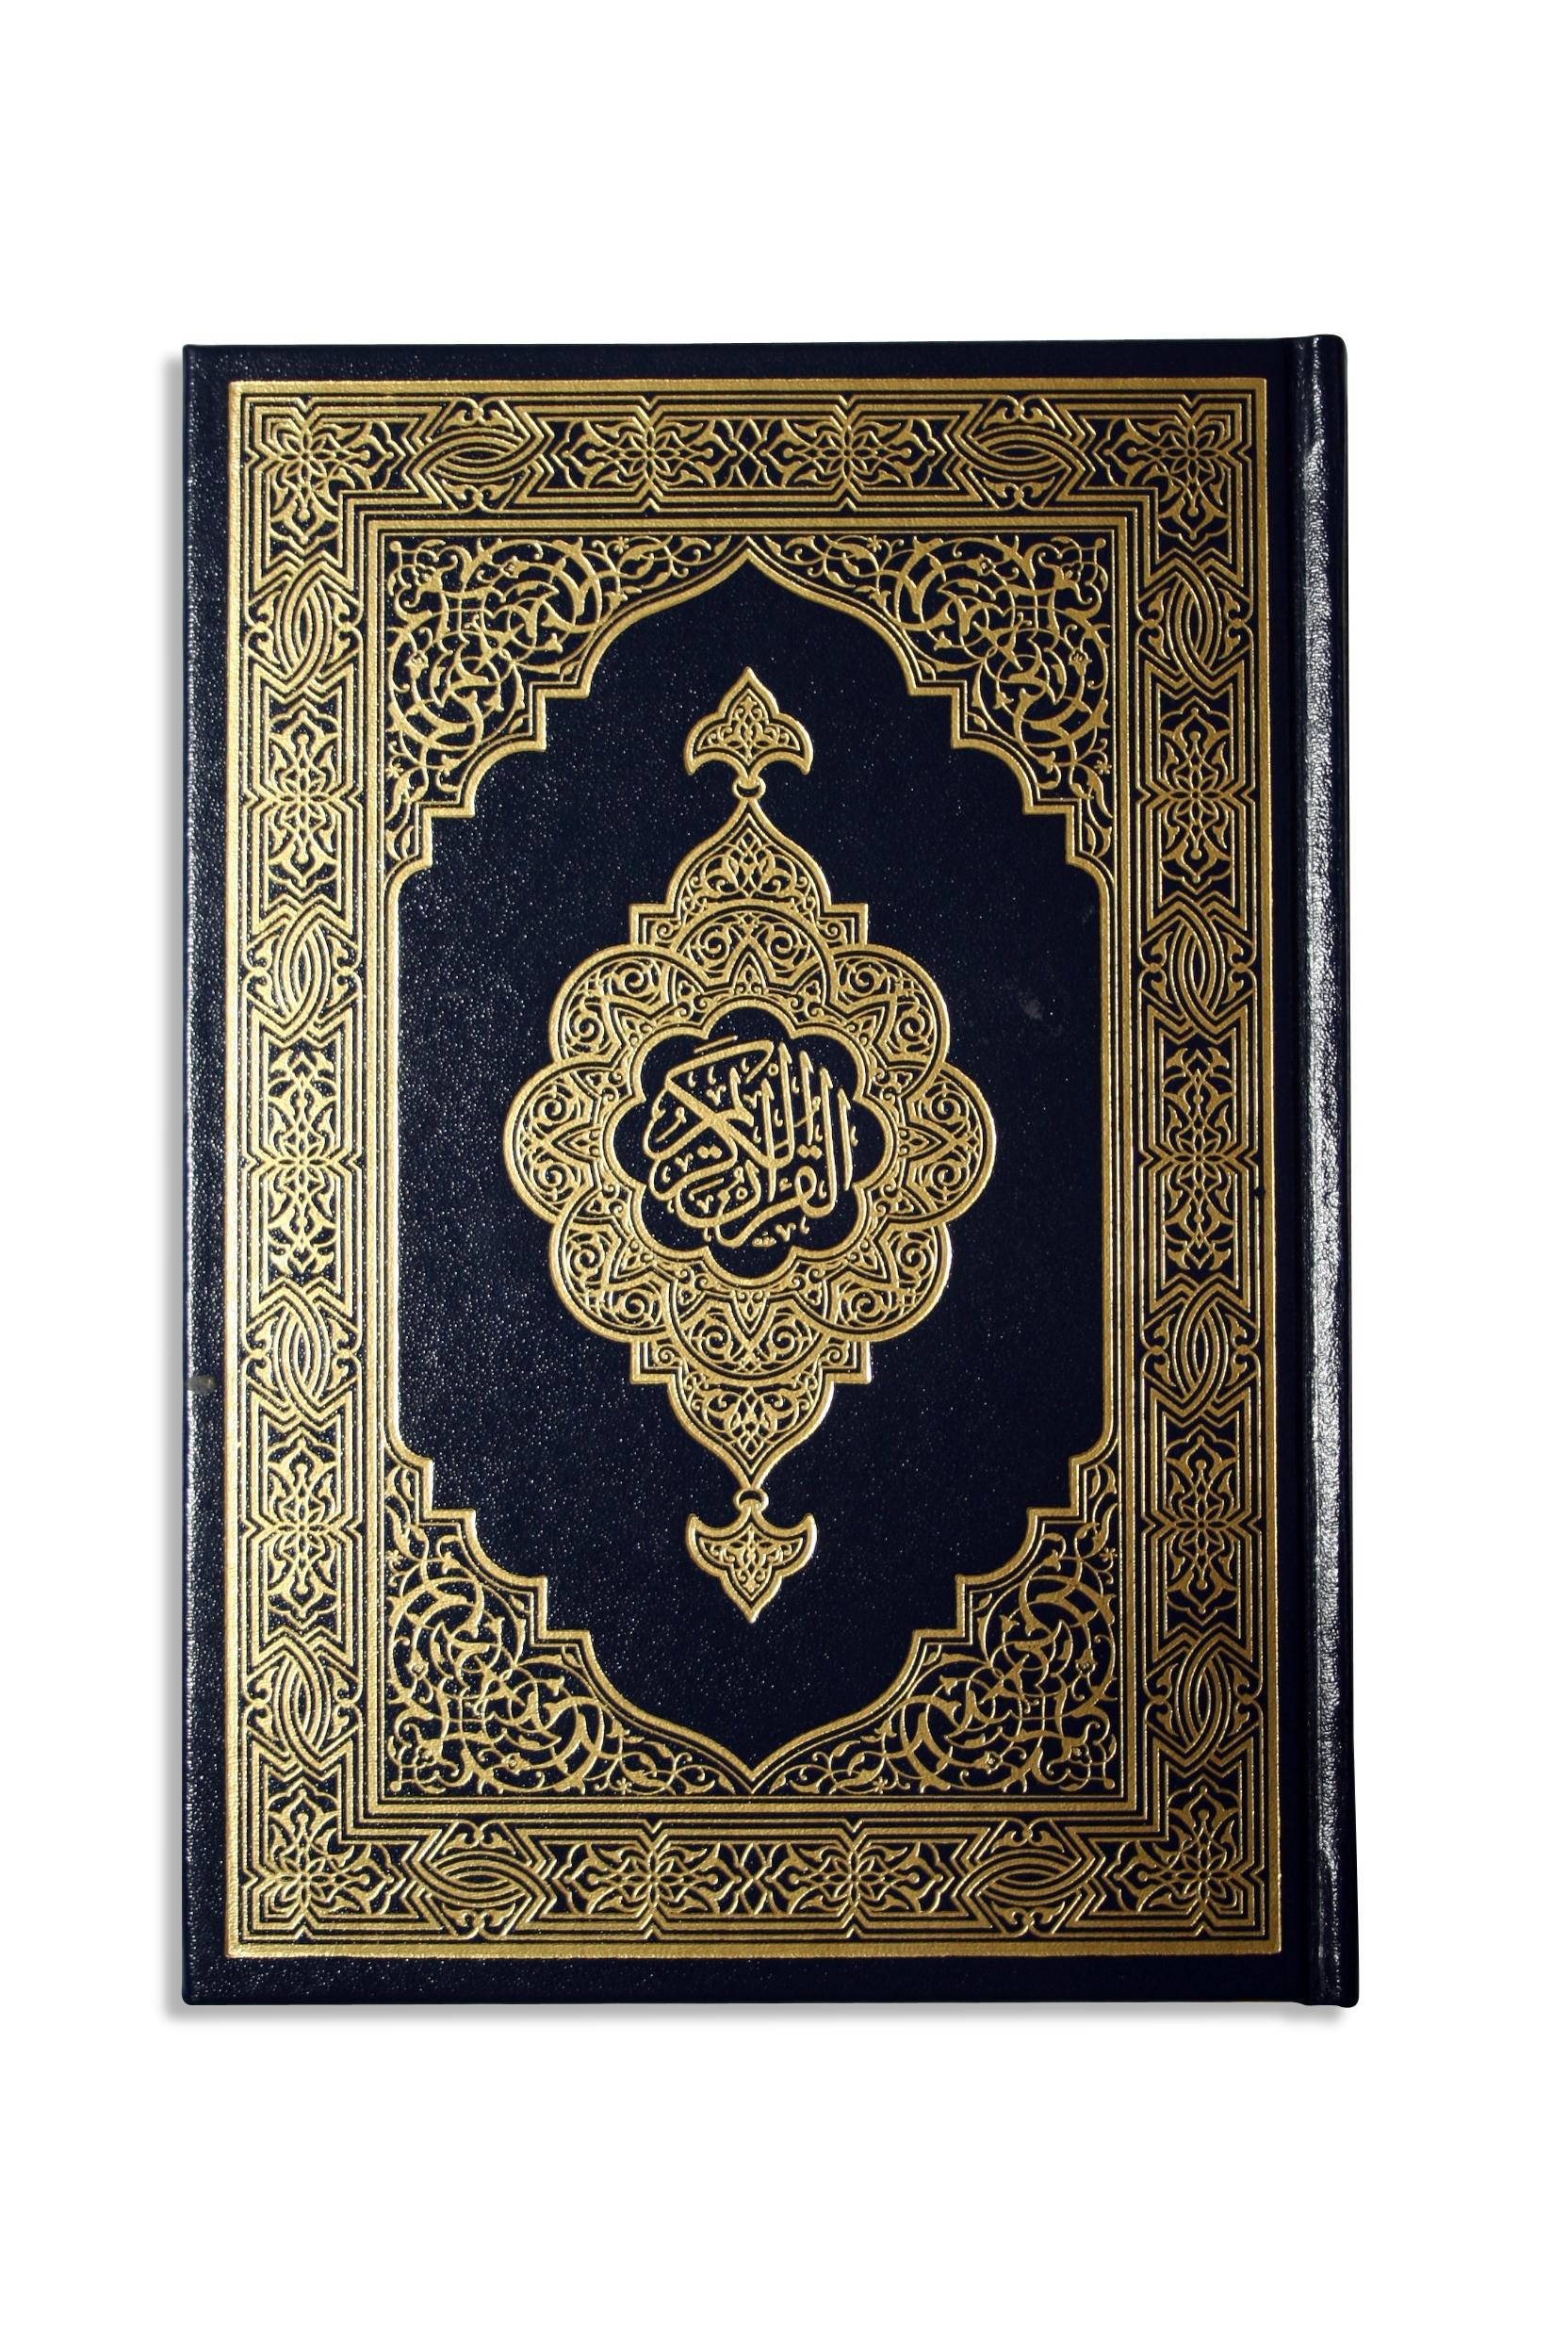 صور المصحف الشريف - صور القران الكريم - صور كتاب الله النهضة